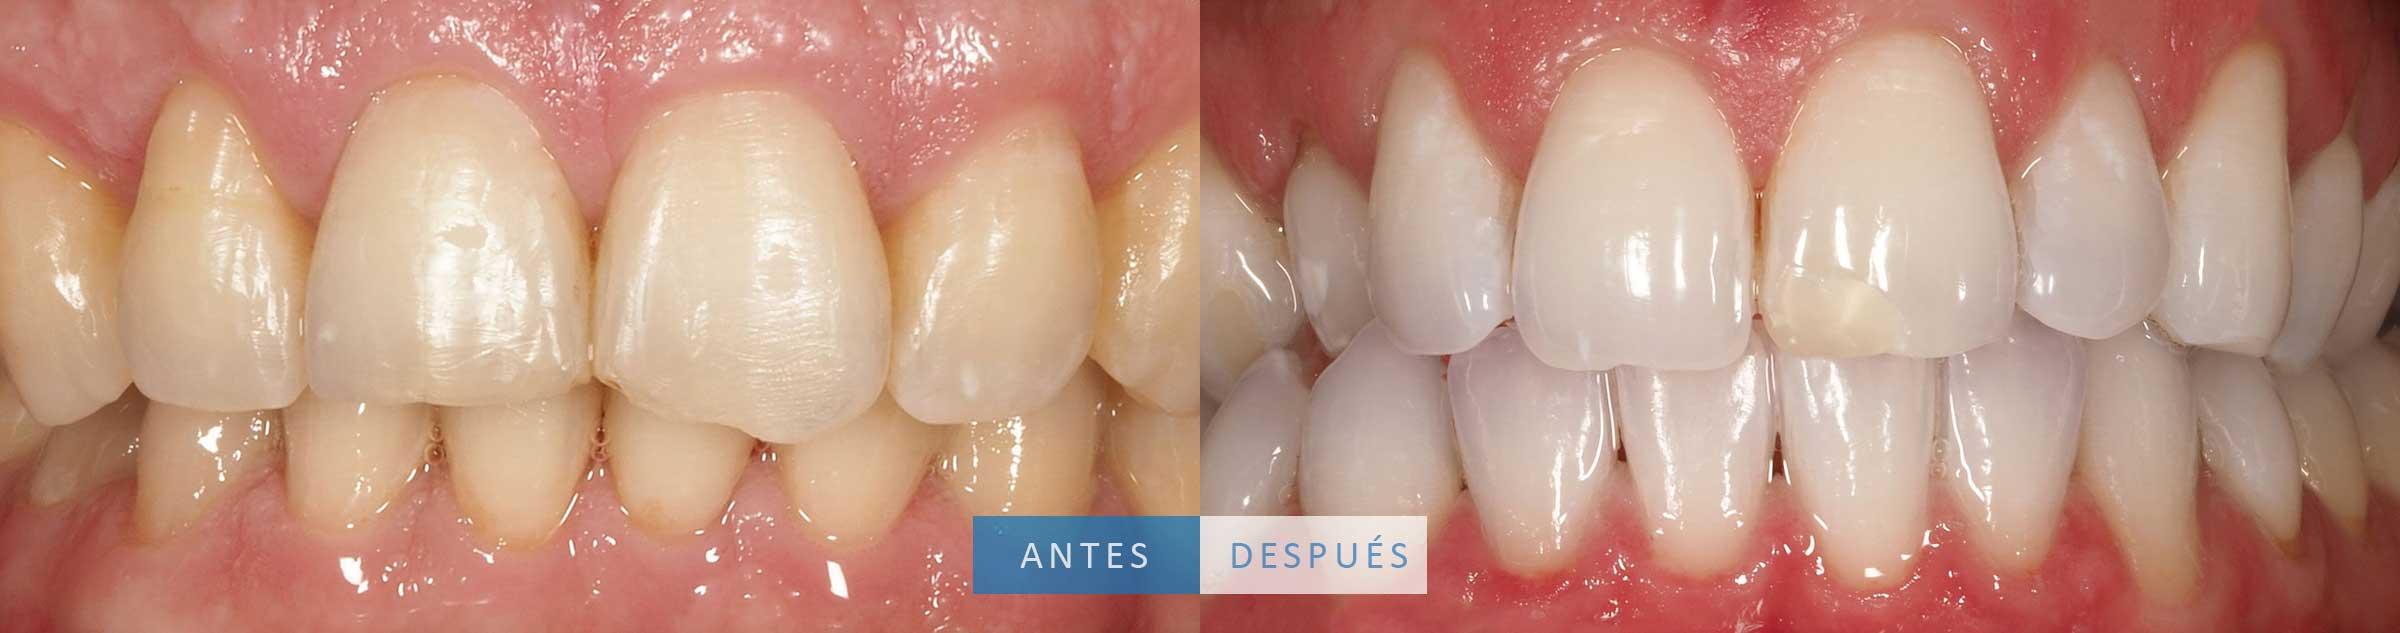 Caso de reconstrucción dental y blanqueamiento